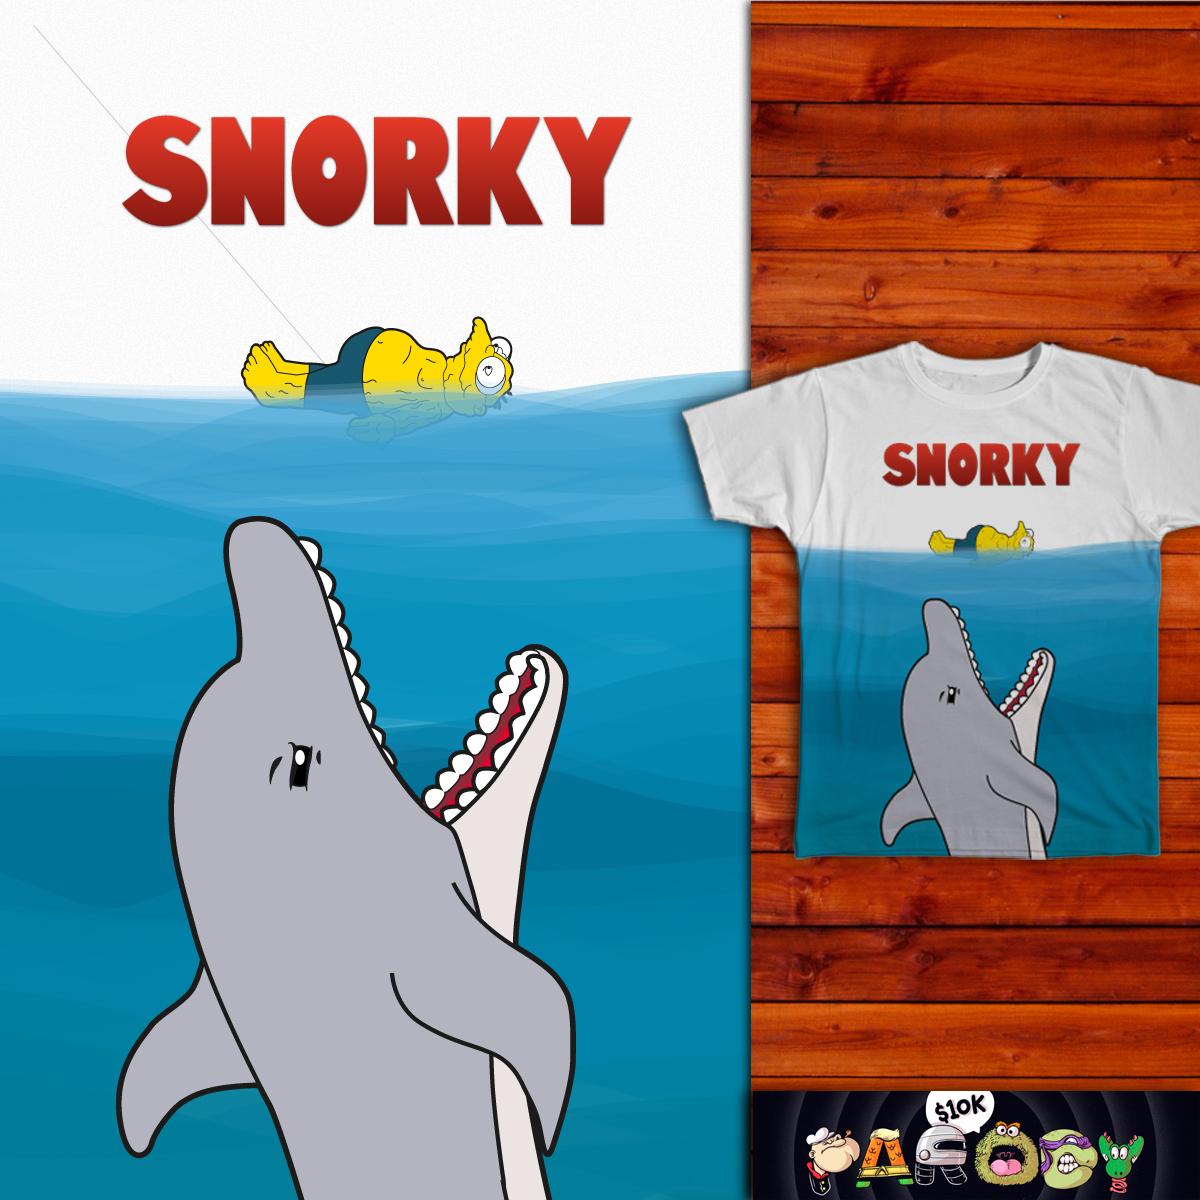 Snorky's jaws. by Aguvagu on Threadless